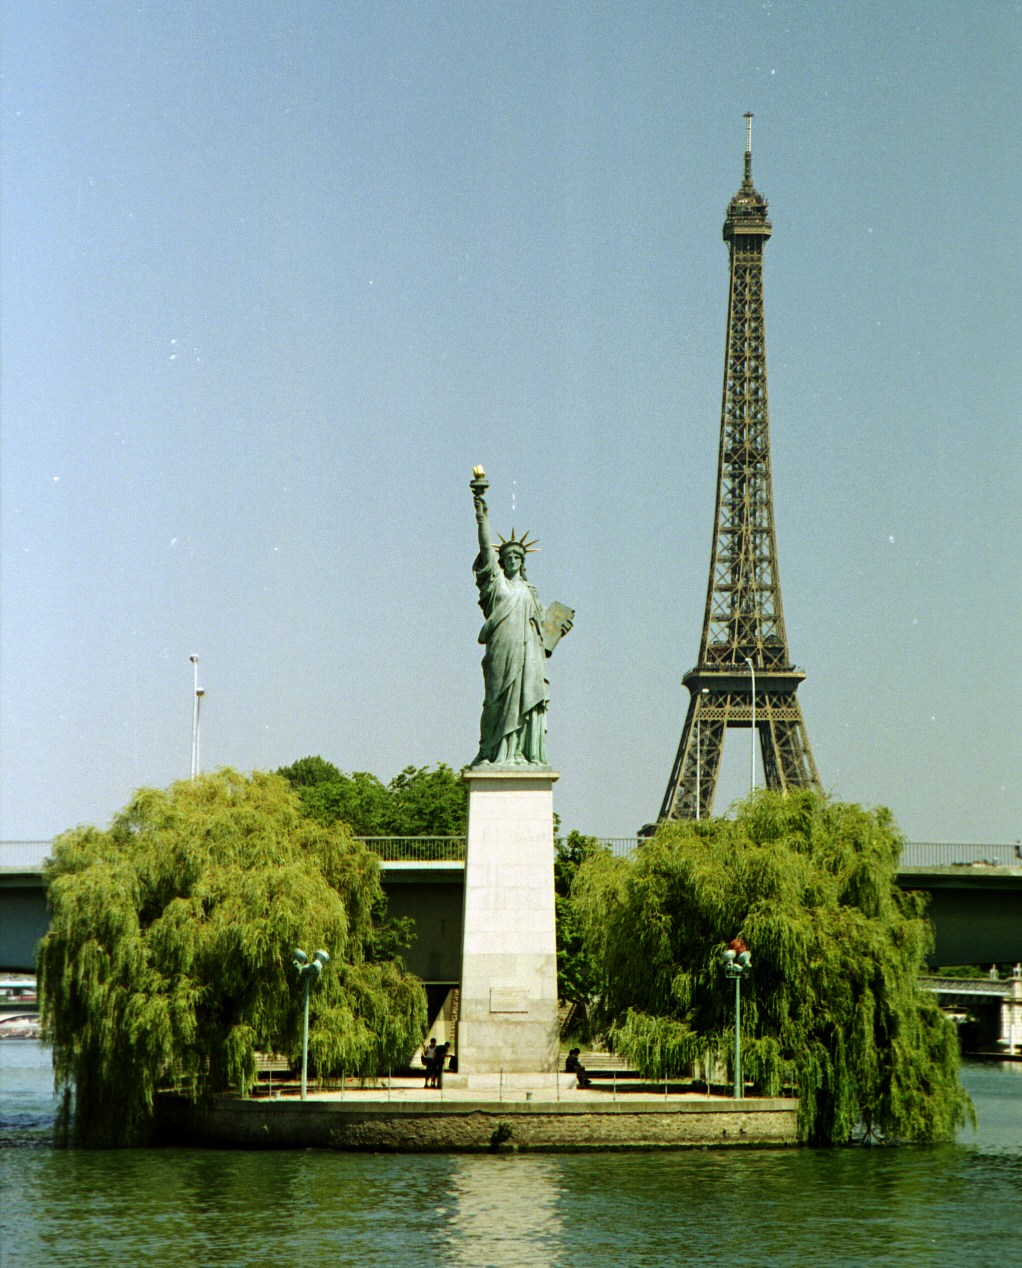 Paris-ile-aux-cygnes-statue-de-la-liberte-tour-eiffel-seine.jpg